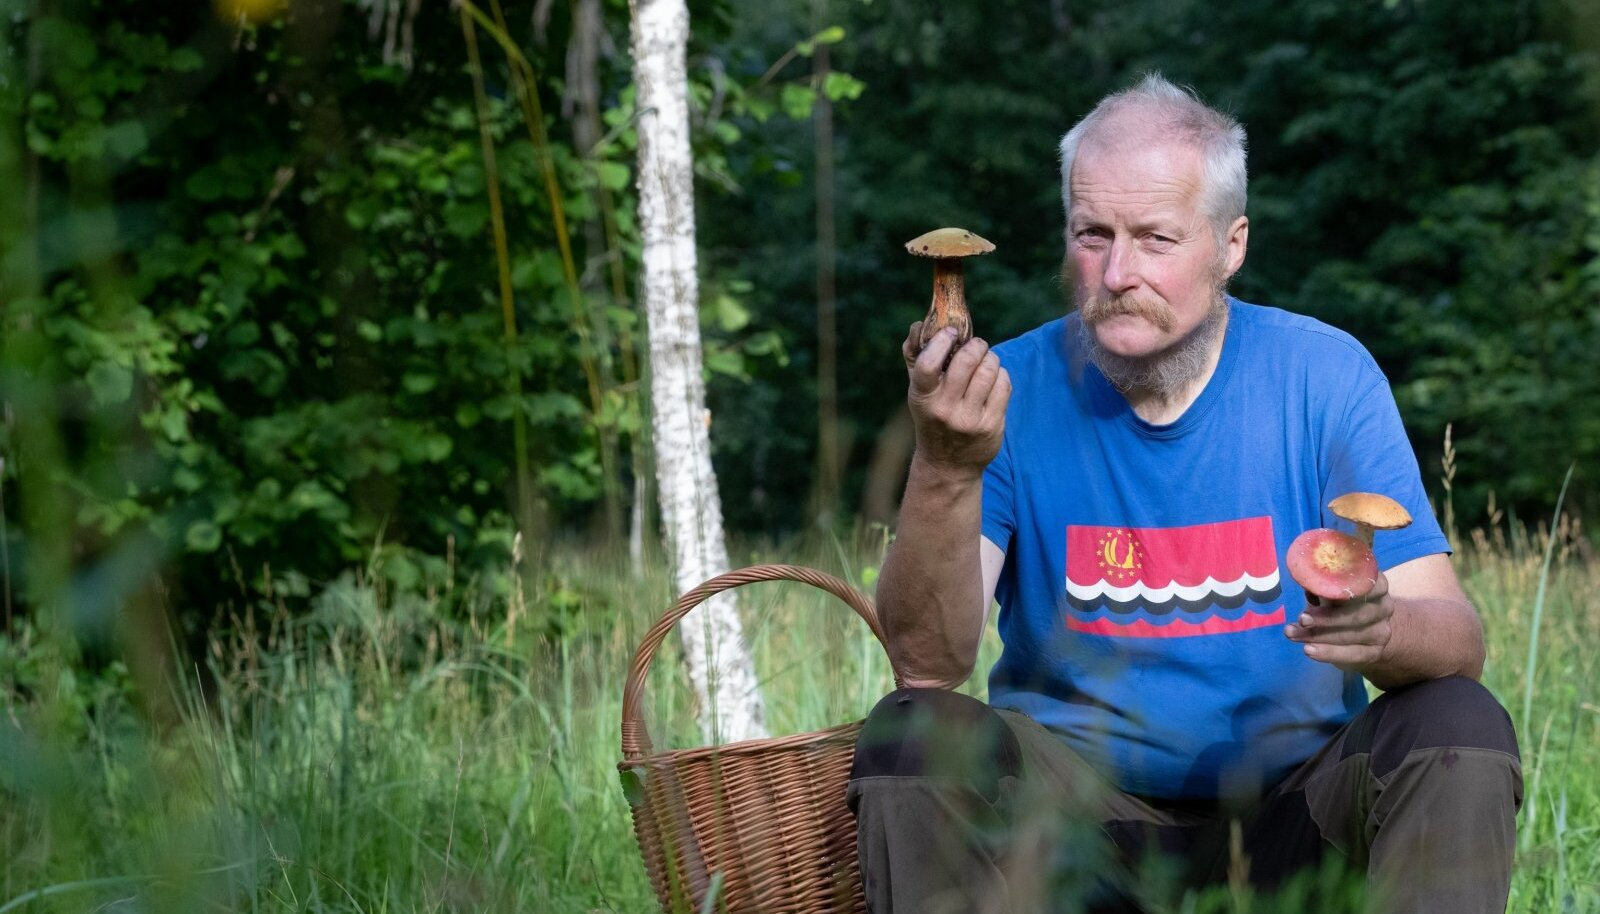 Tõnu Ploompuu teisipäevaste leidudega: tema paremas käes on tamme-kivipuravik, vasakus Lundelli pilvik (eespool) ja haavapuravik. Mõlemad puravikud on Ploompuu sõnul söödavad, kui neid küllaldaselt küpsetada.